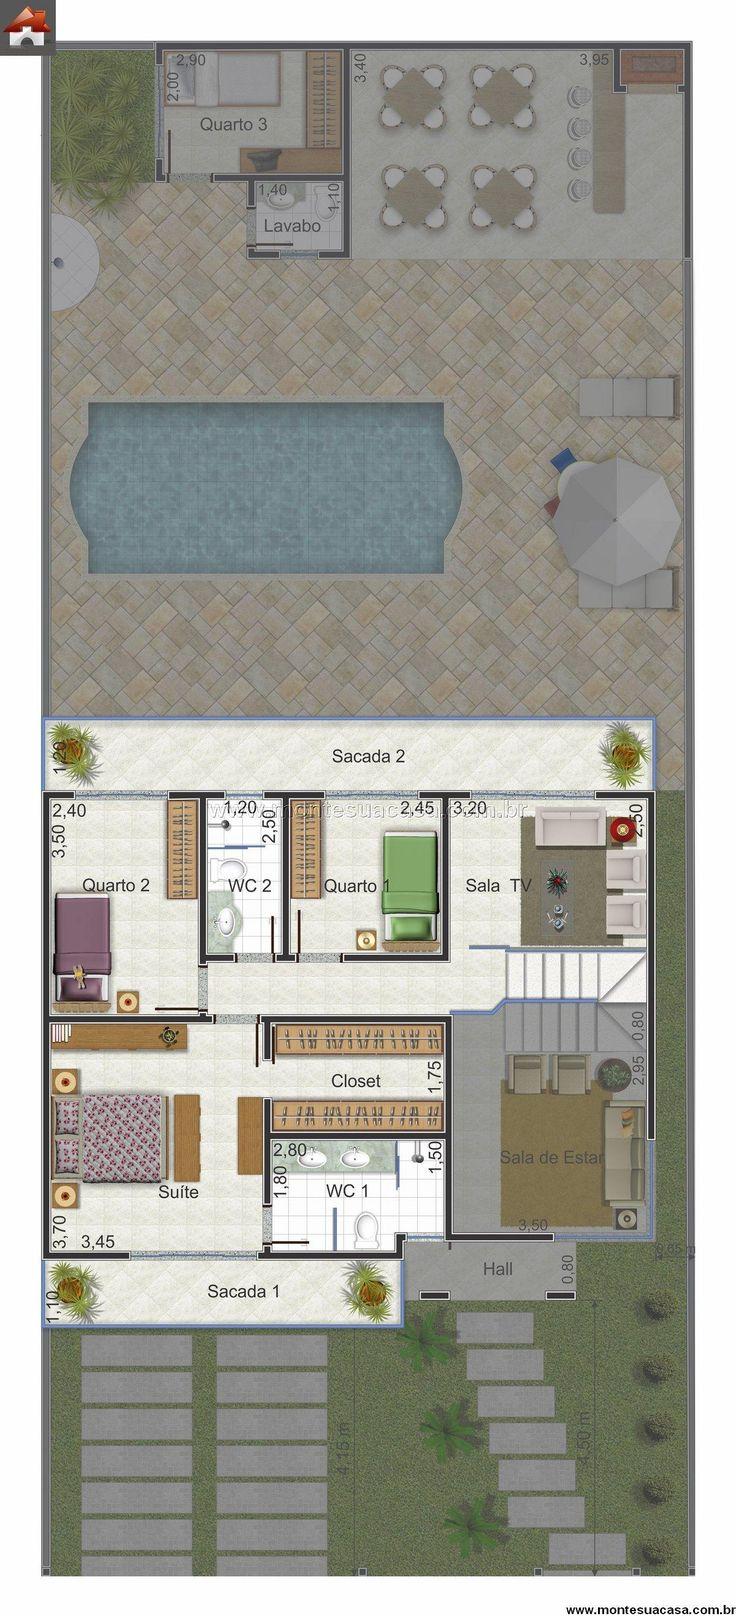 Pinterest: @claudiagabg | Townhouse 2 pisos 3 cuartos 1 estudio piscina 1 habitación estudiantil / planta 2